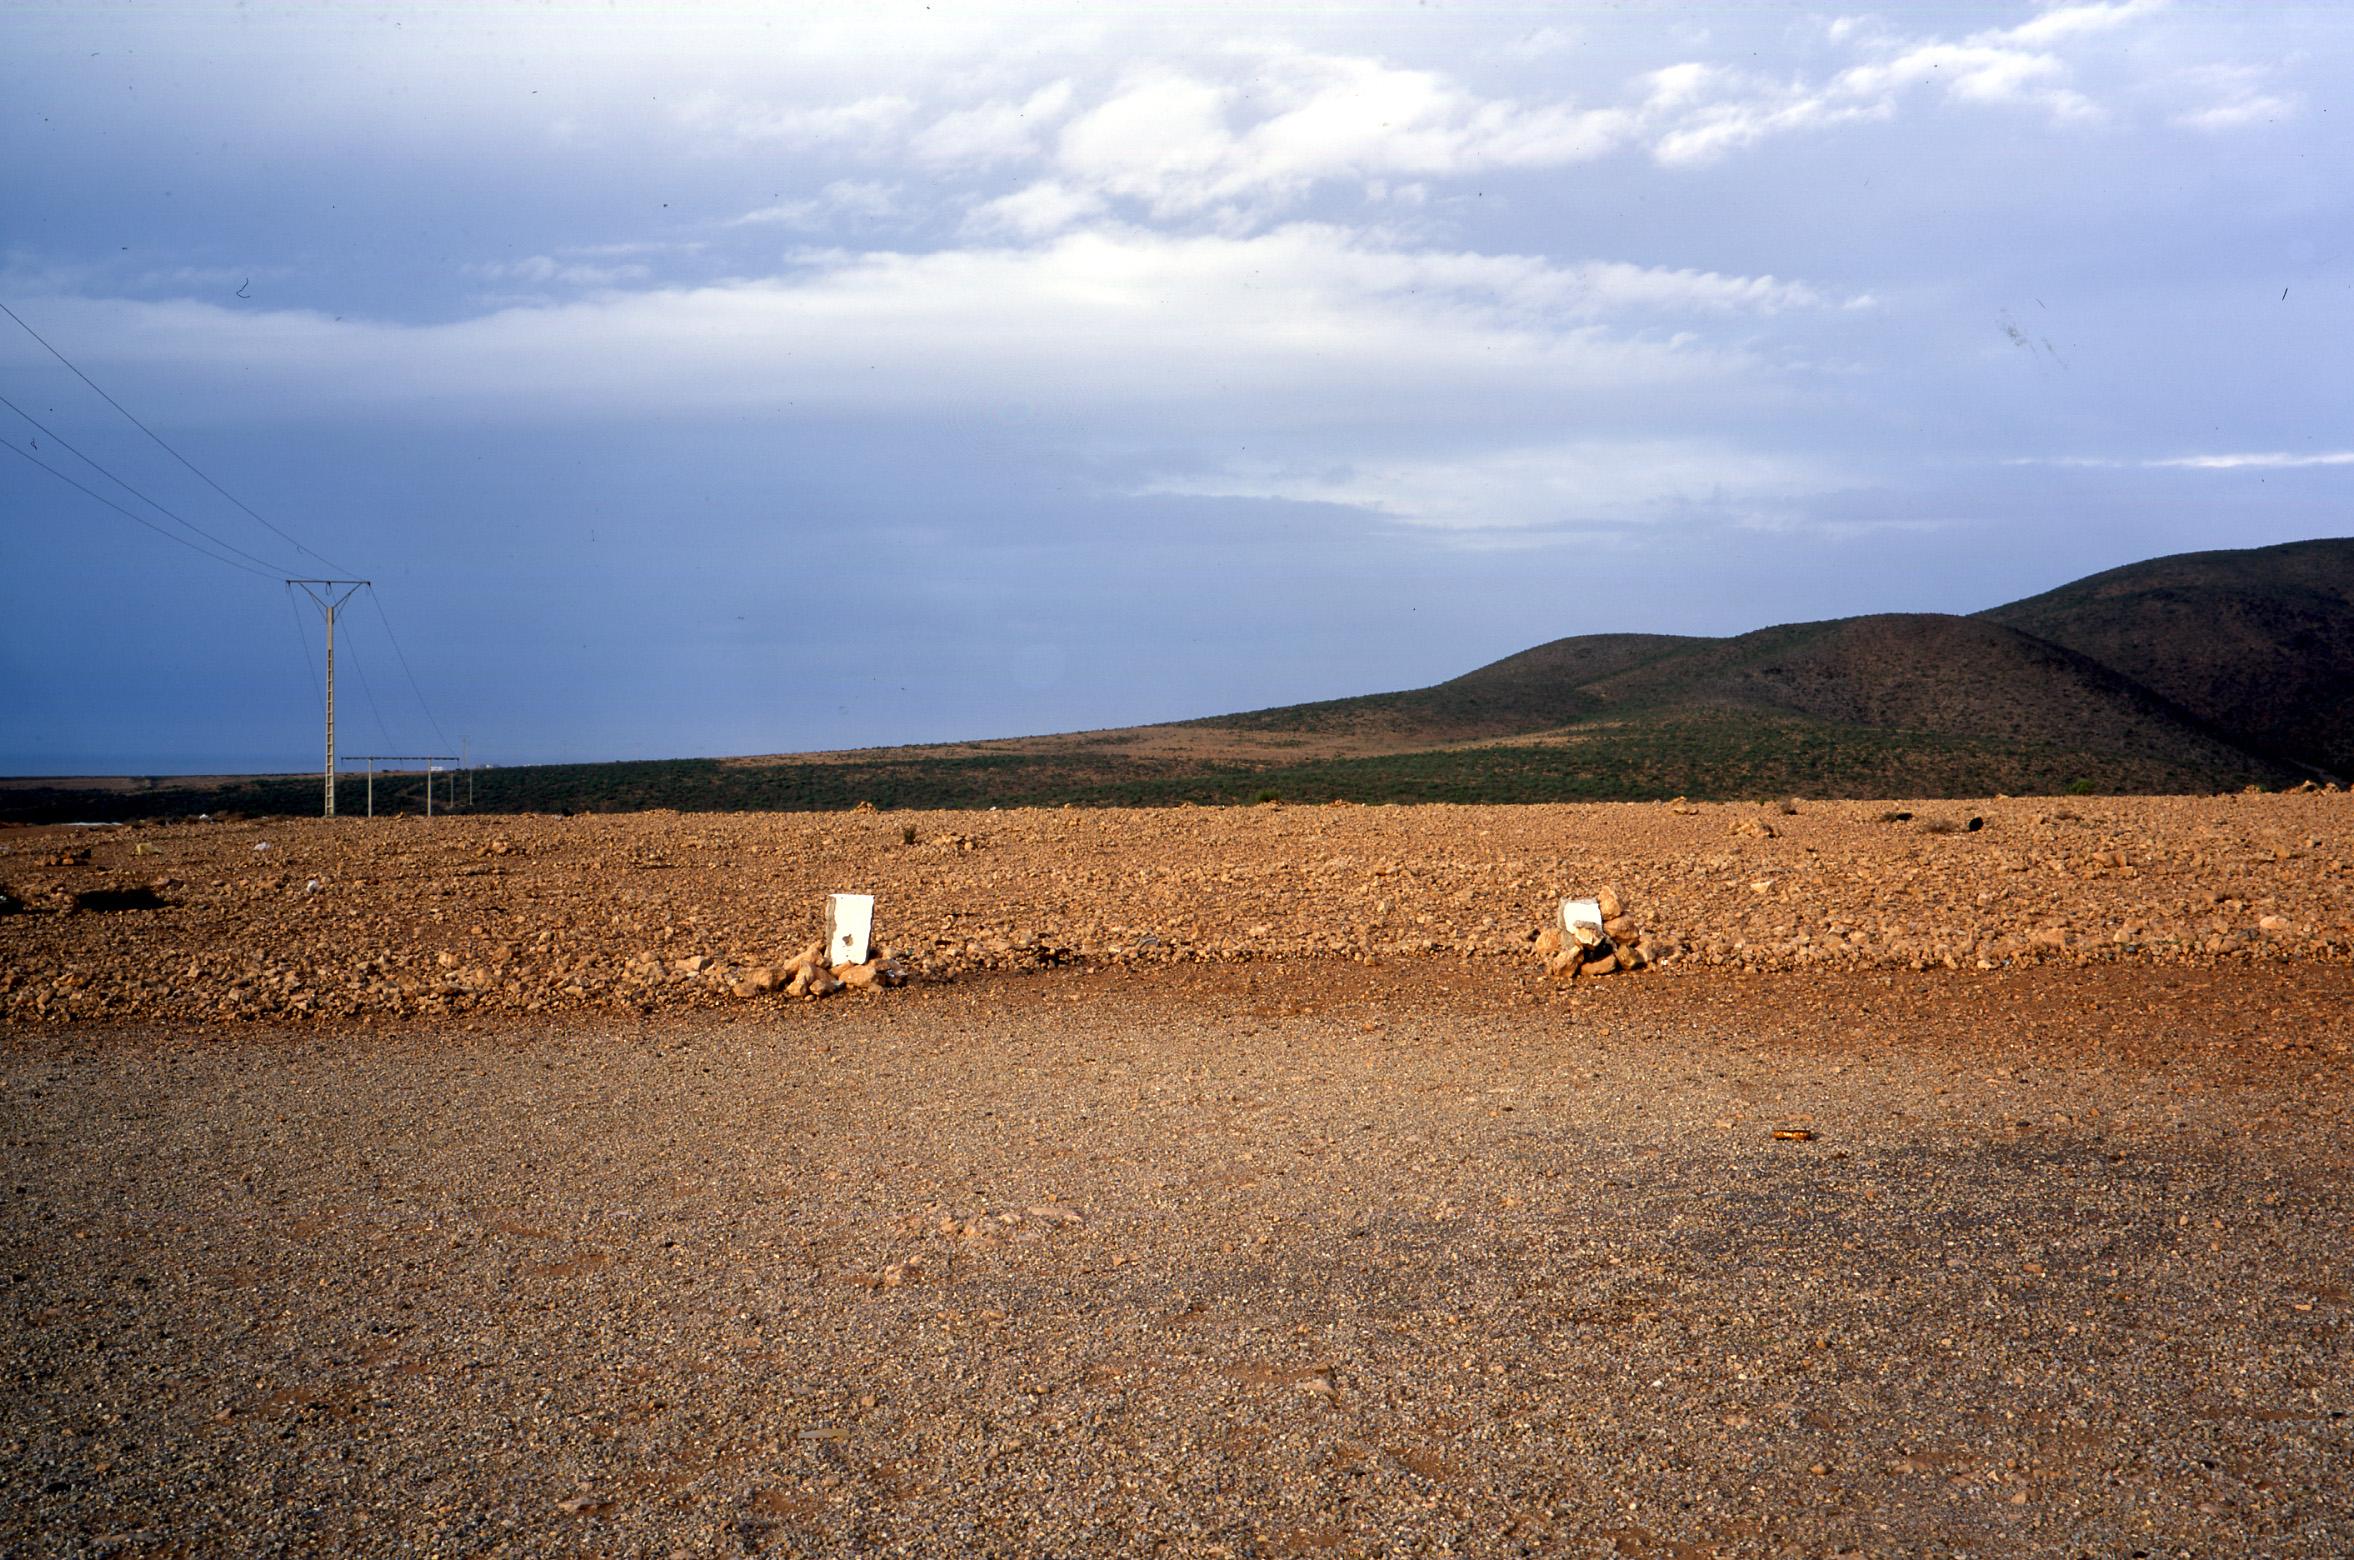 Sidi-Fini, Morocco